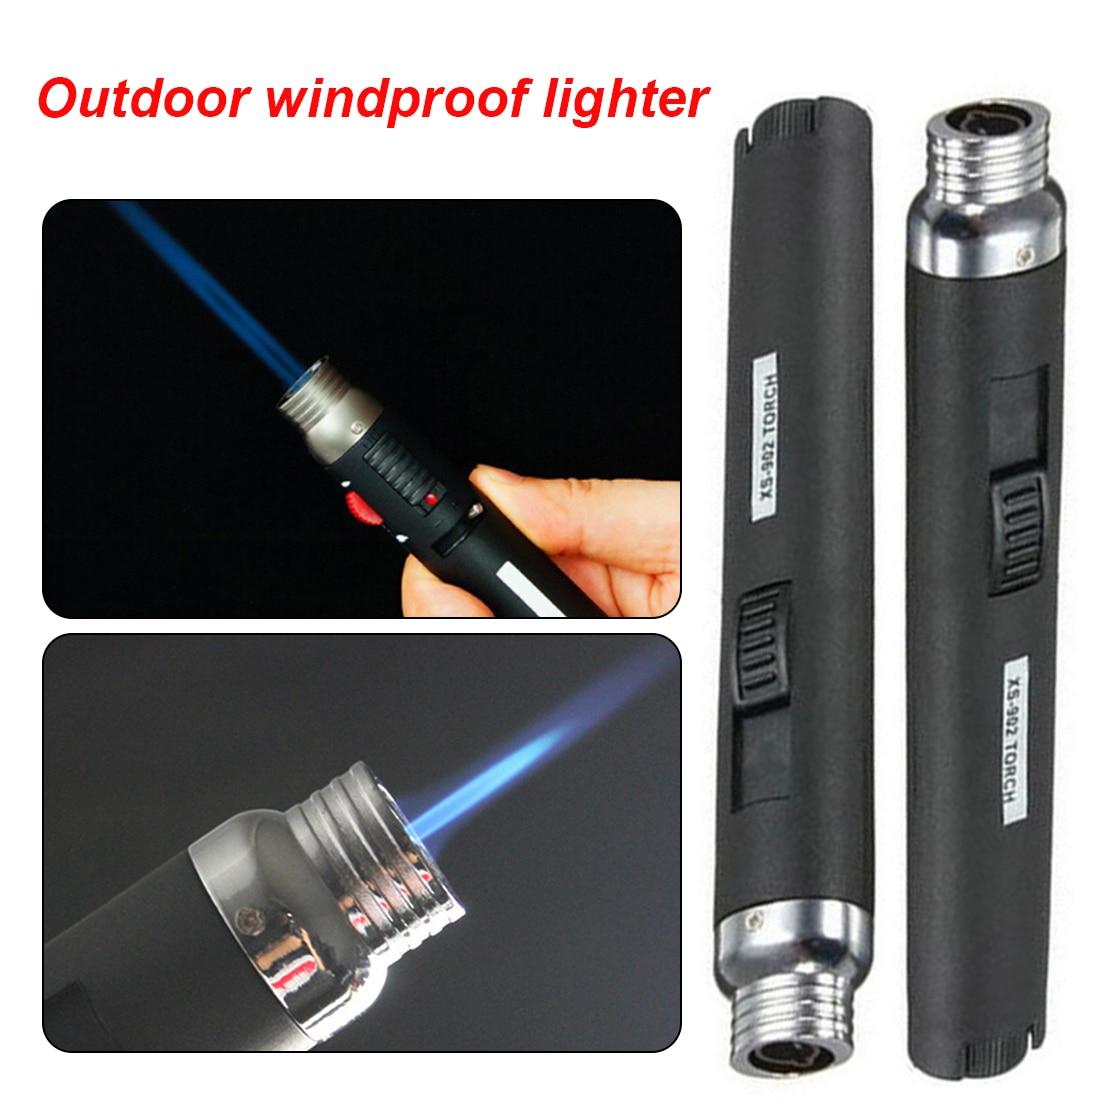 1pcs Portable Outdoor Jet Flame Butane Gas Refill Lighter Welding Torch Pen P0.11